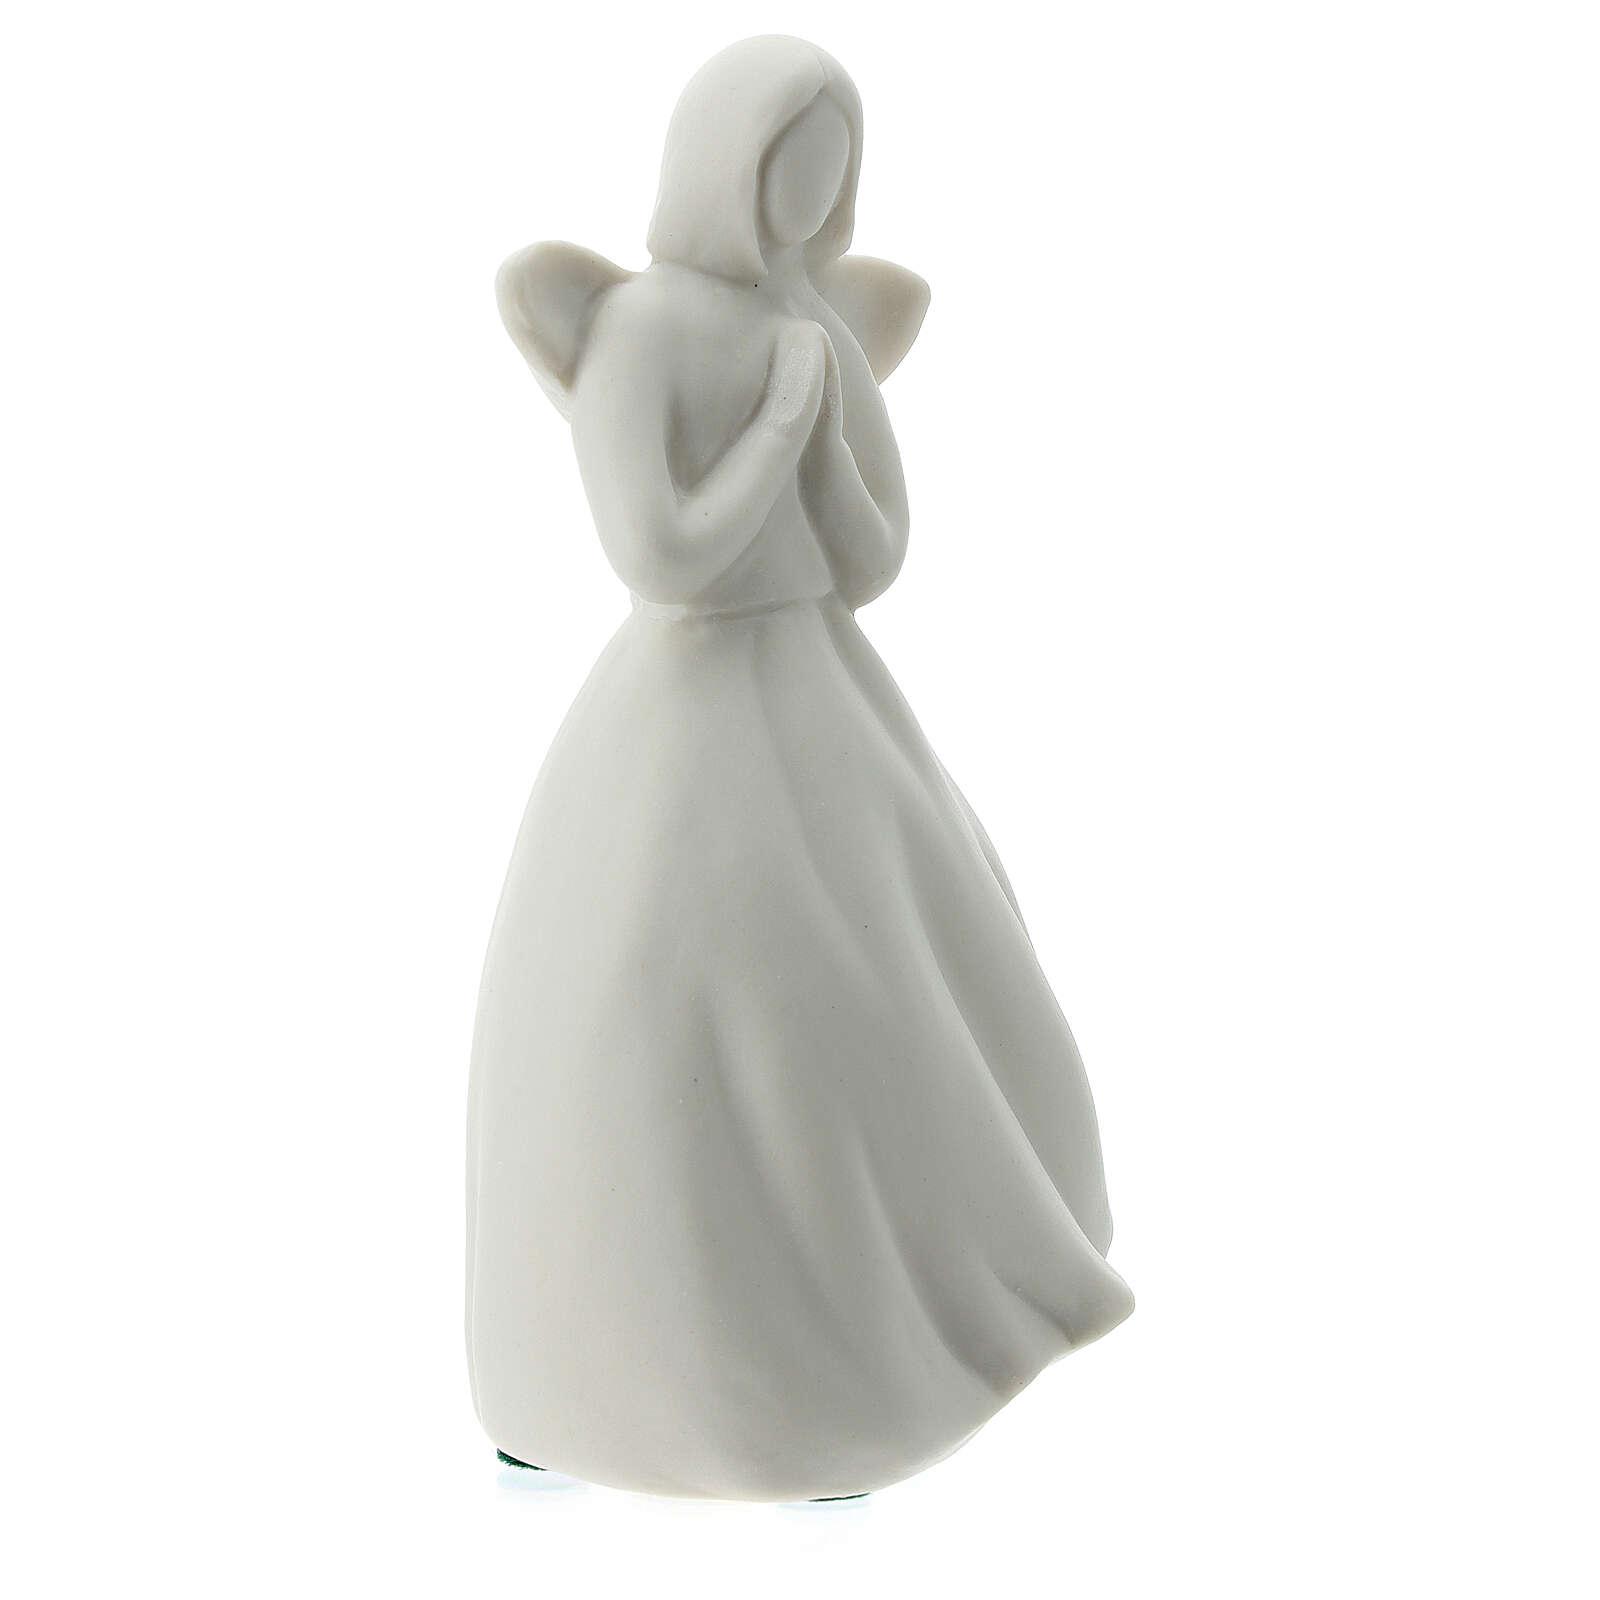 Angel 5 1/2 in white porcelain 3